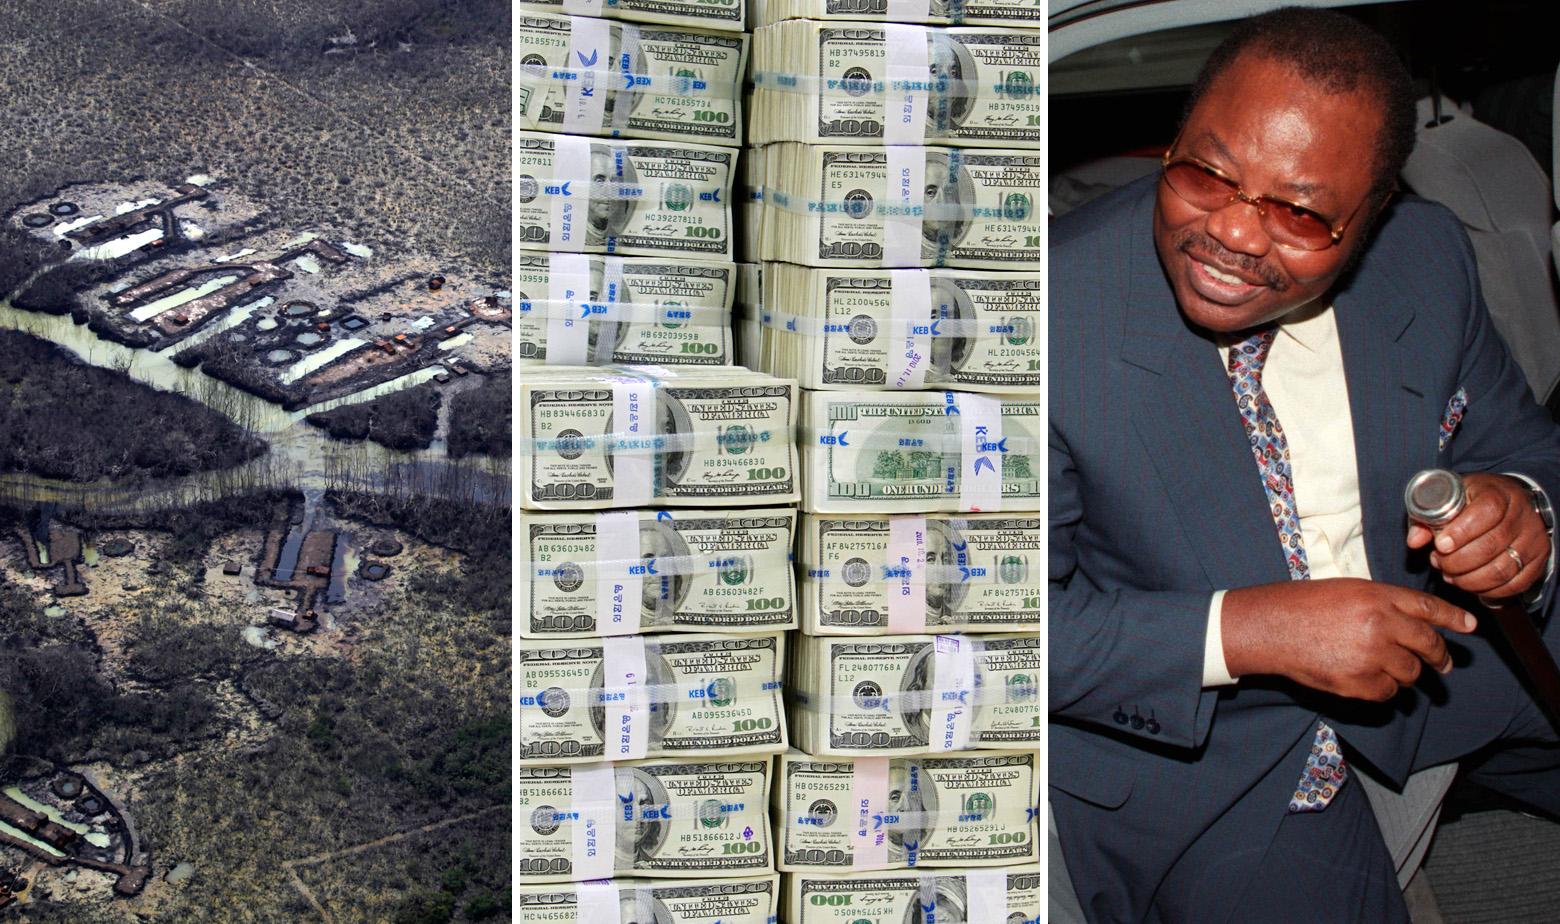 Ilustracija: Nafta u Nigeriji, novčanice od 100 dolara i Dan Etete, bivši ministar za naftu u Nigeriji